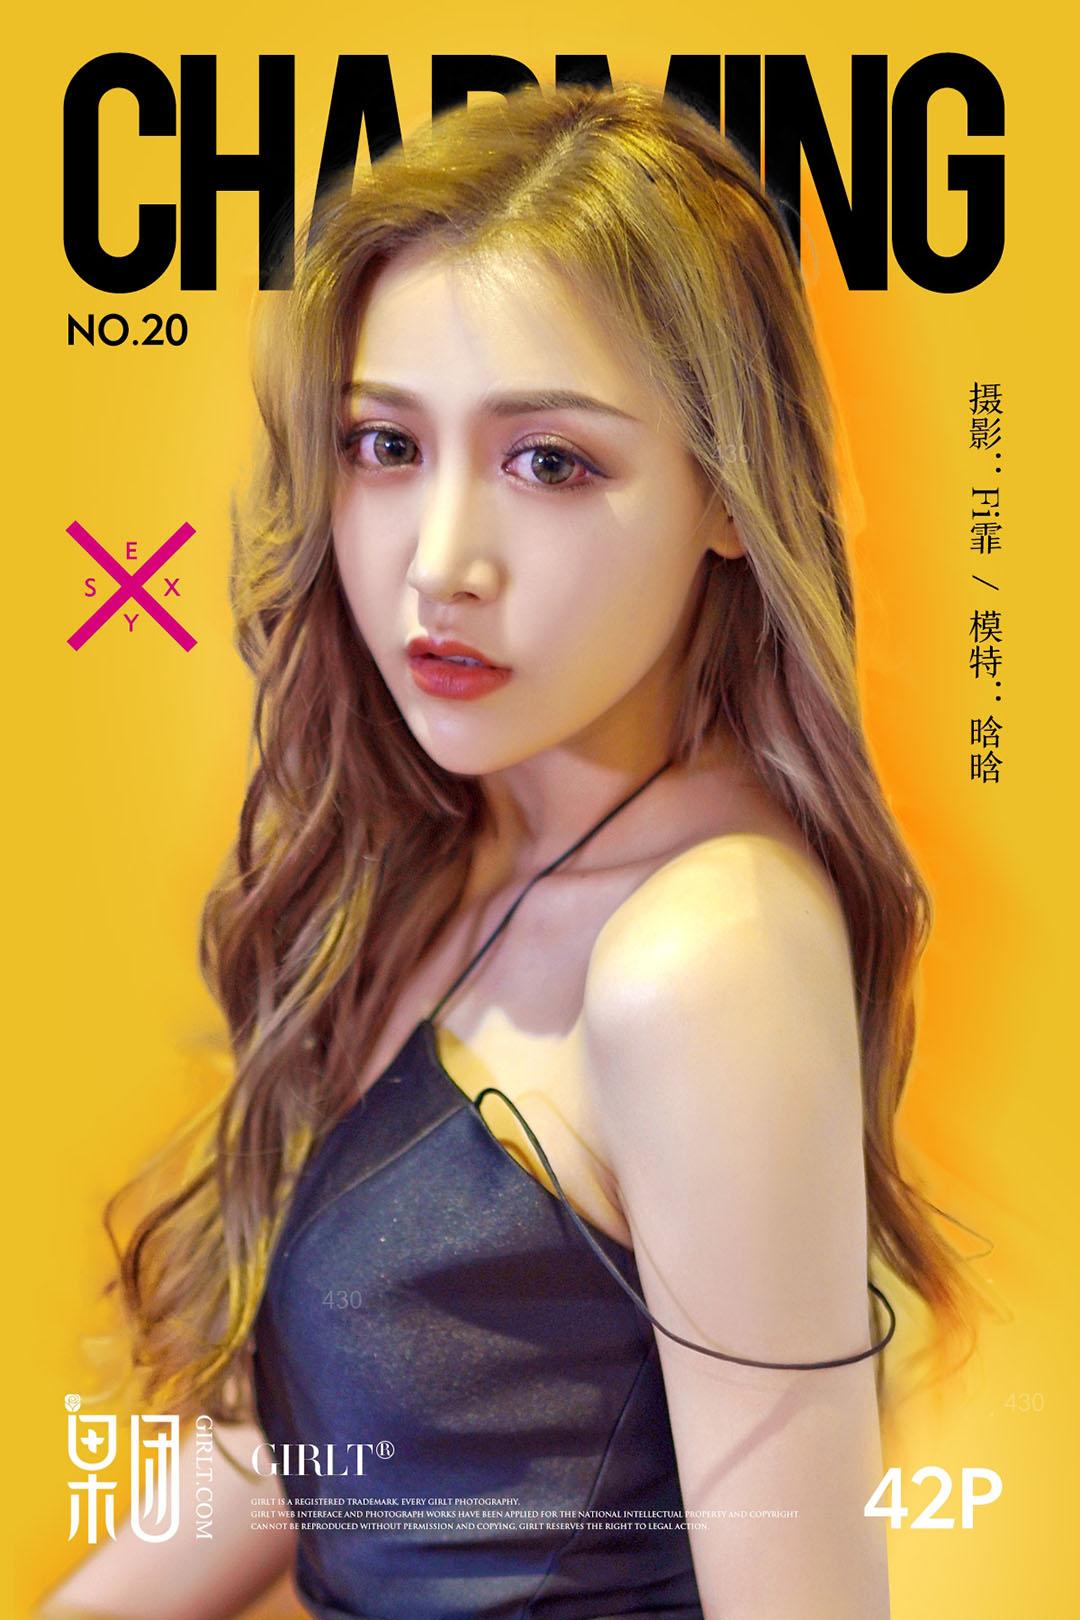 GIRLT No.020